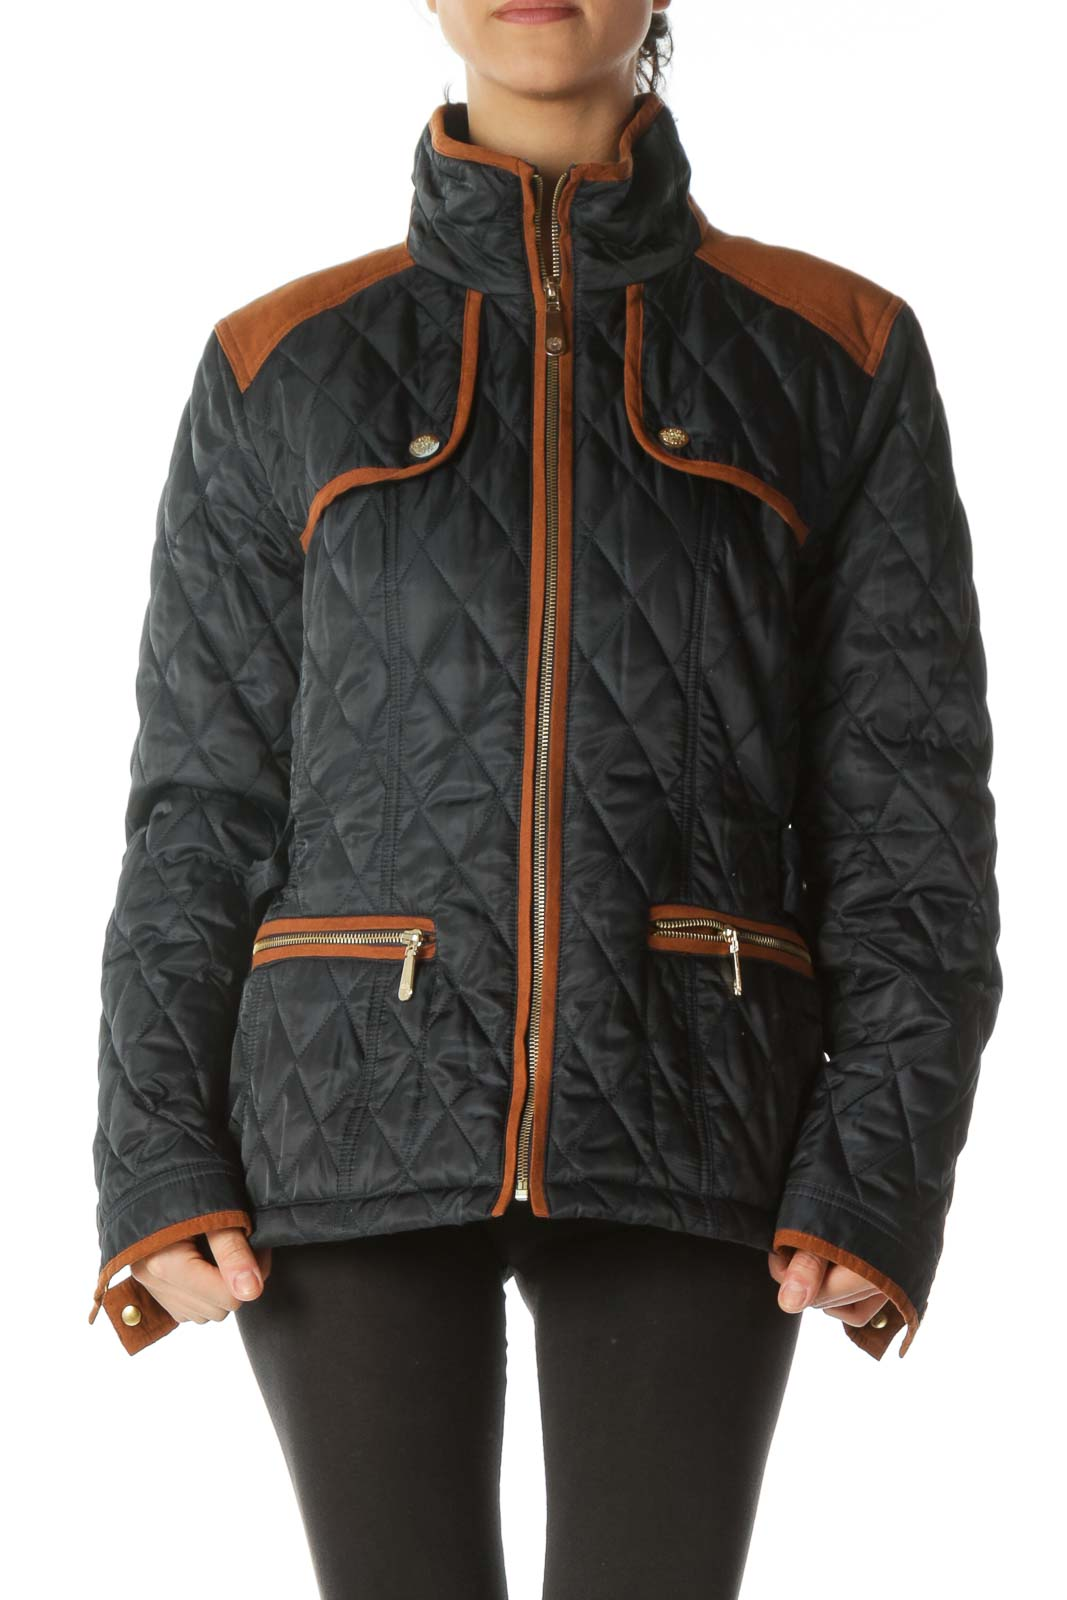 Navy Blue and Orange Padded Jacket